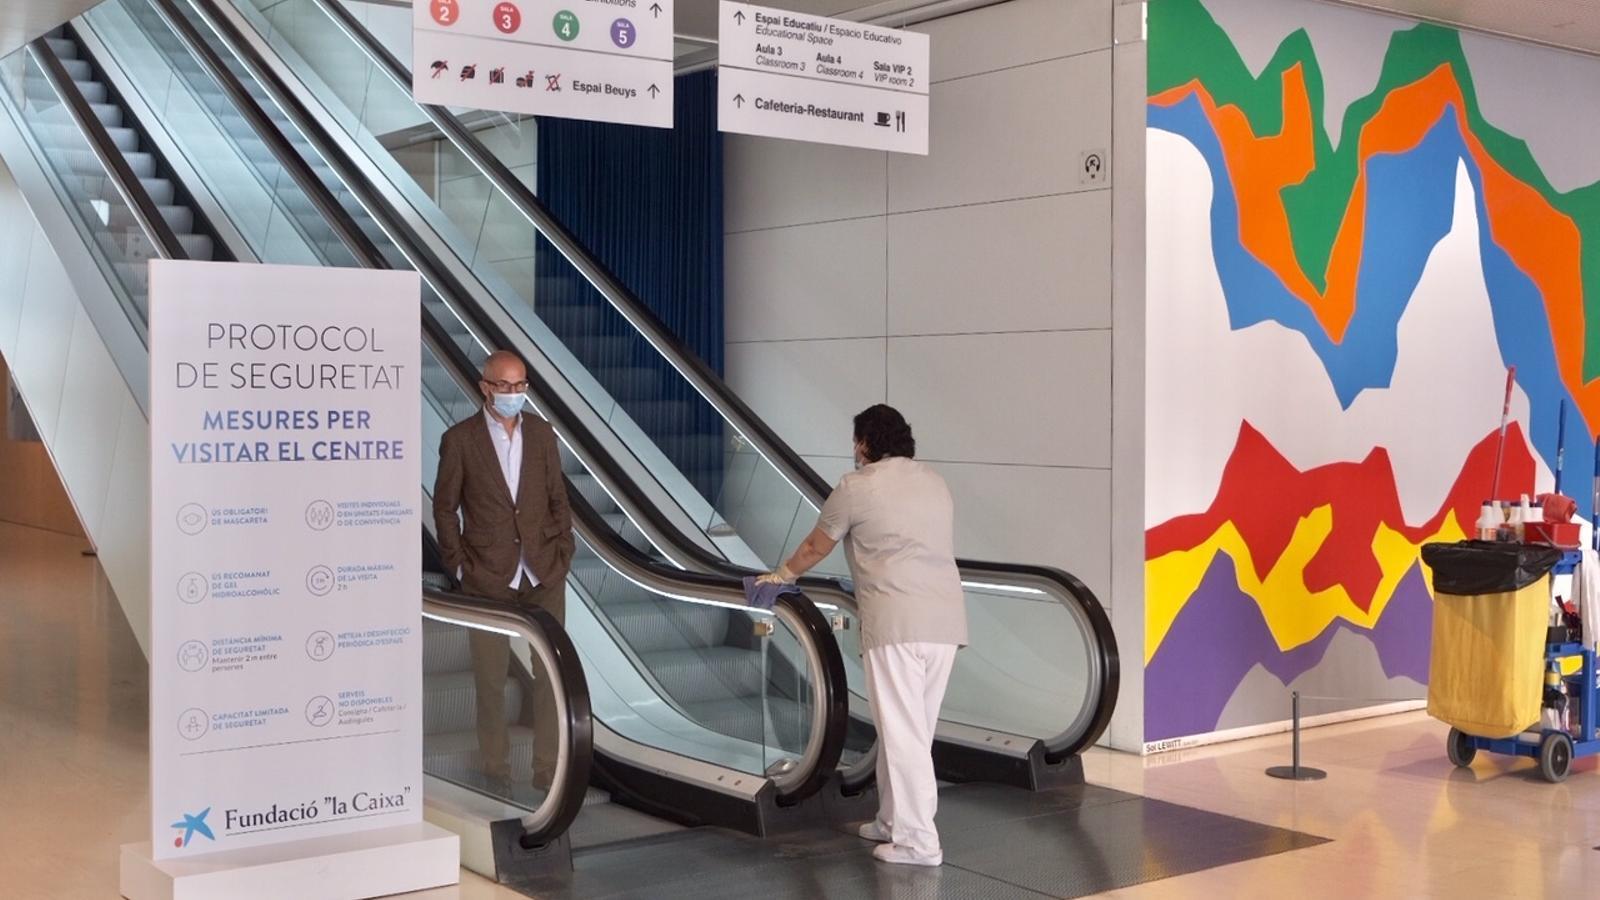 El CaixaForum de Barcelona ha tornat a obrir amb un equip de neteja reforçat